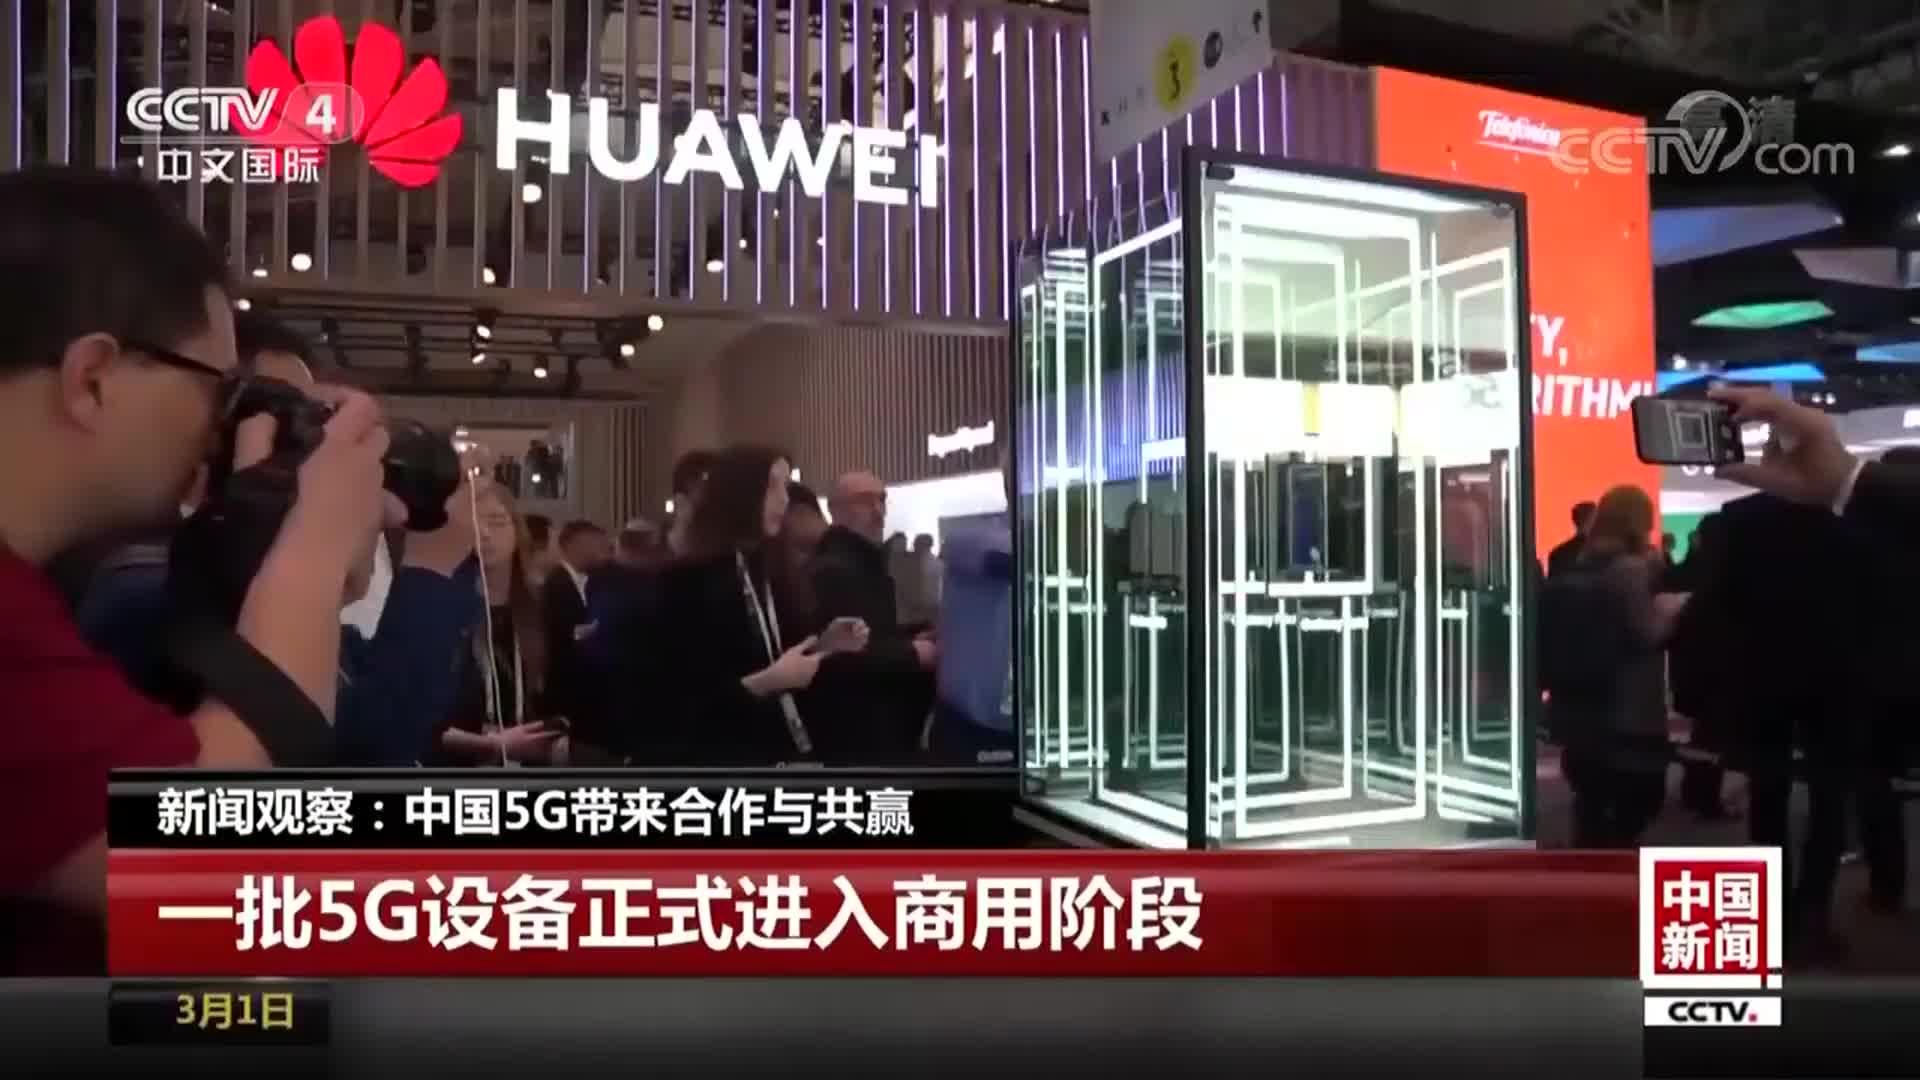 [视频]新闻观察:中国5G带来合作与共赢